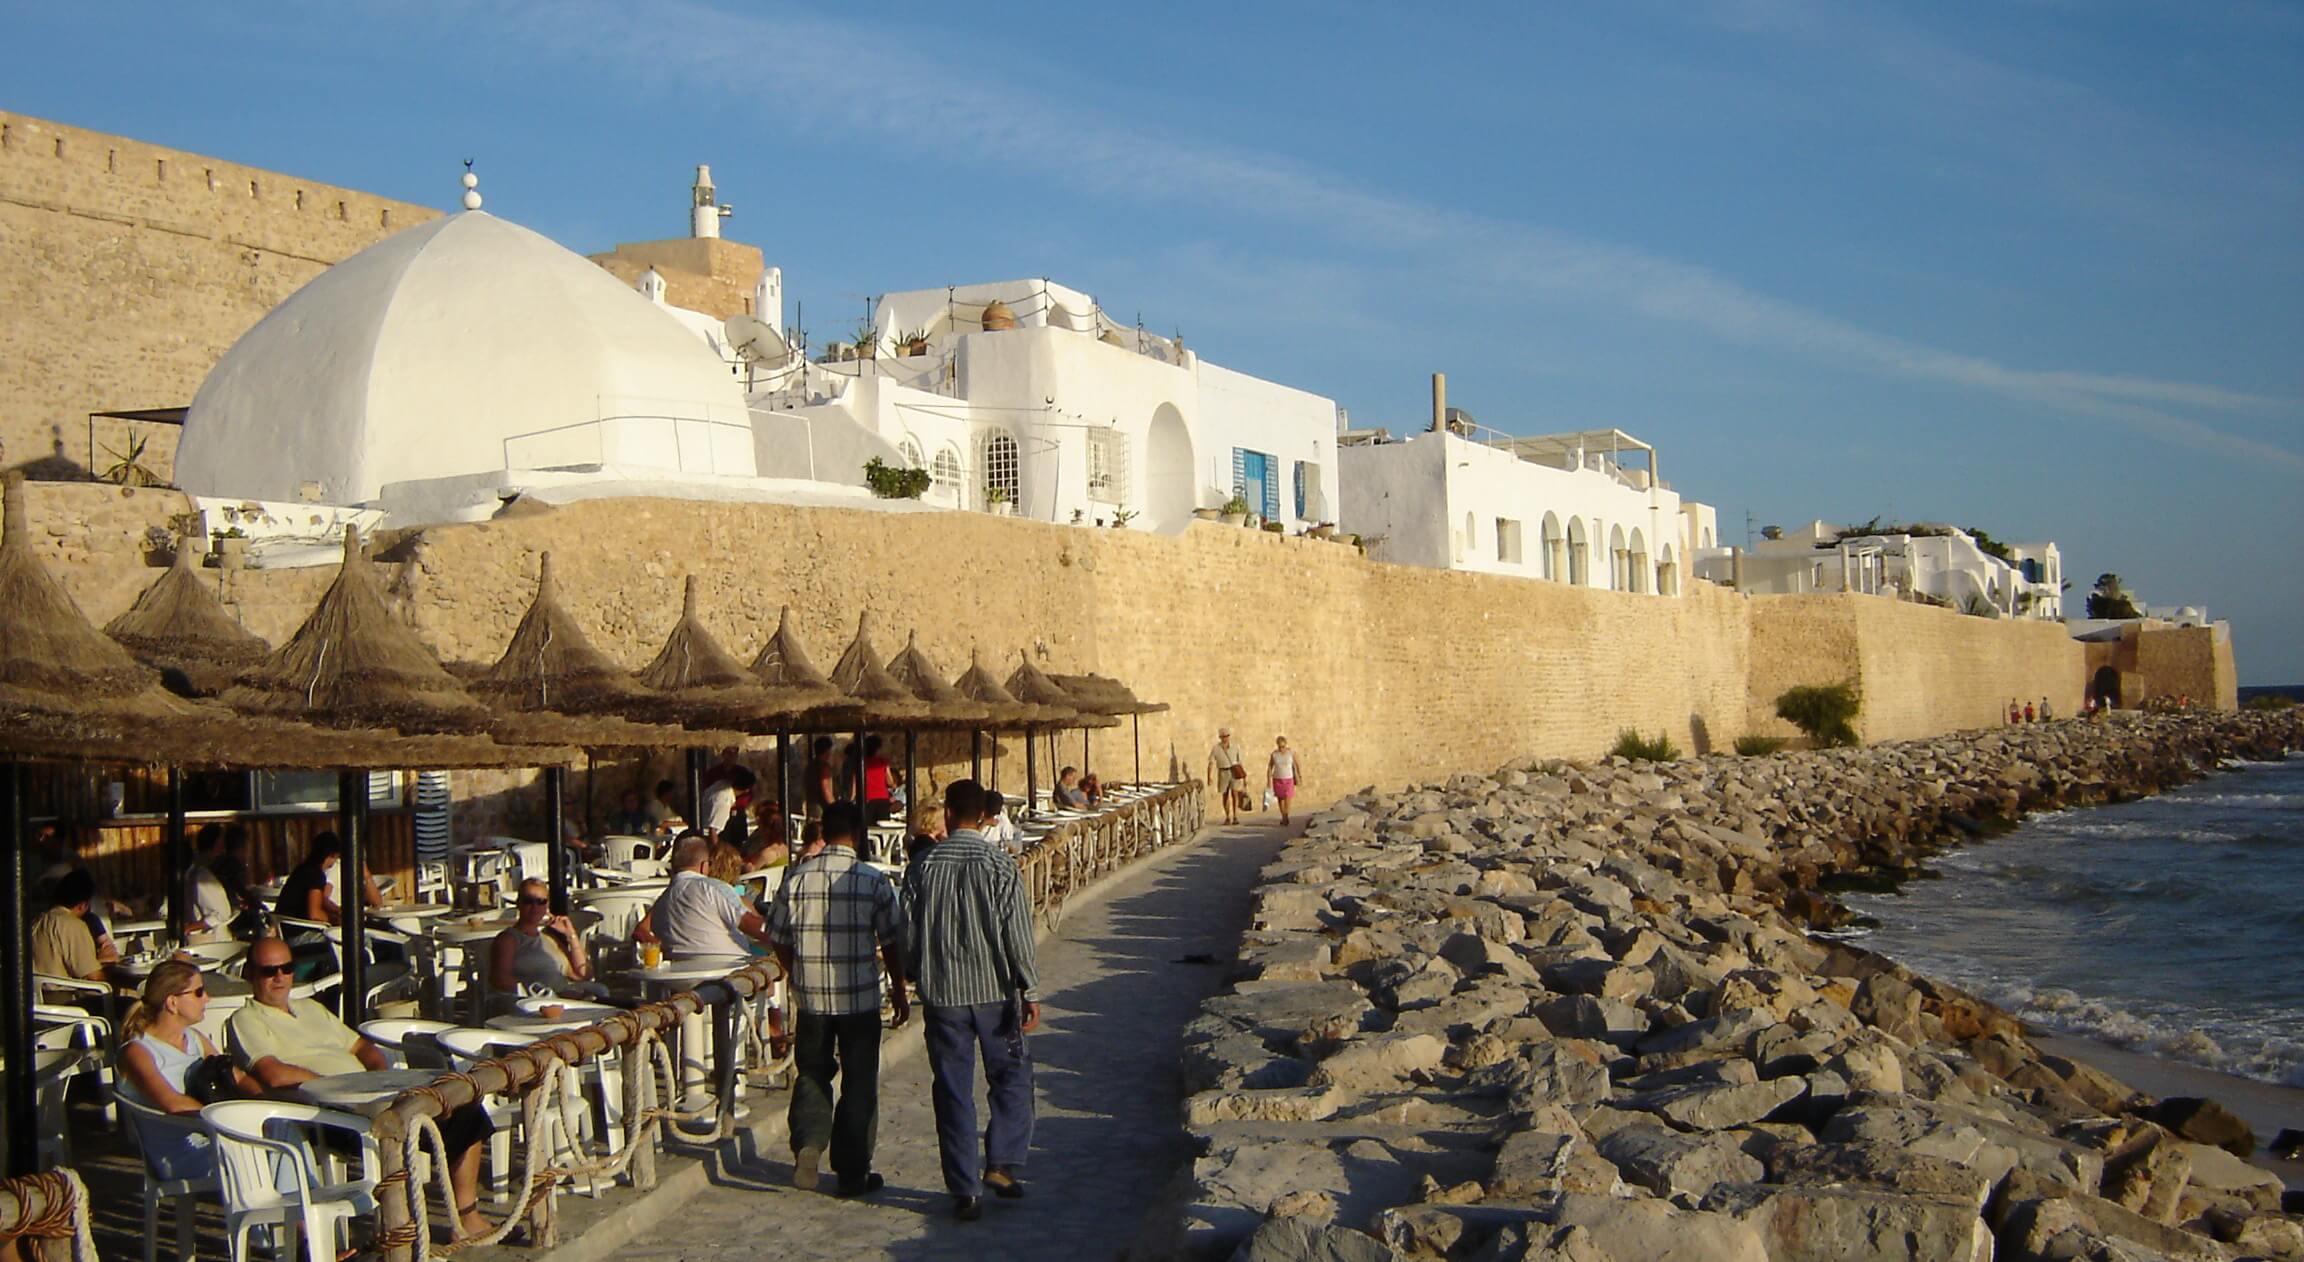 Intalnire unica Tunisia. Il intalnesc pe oameni